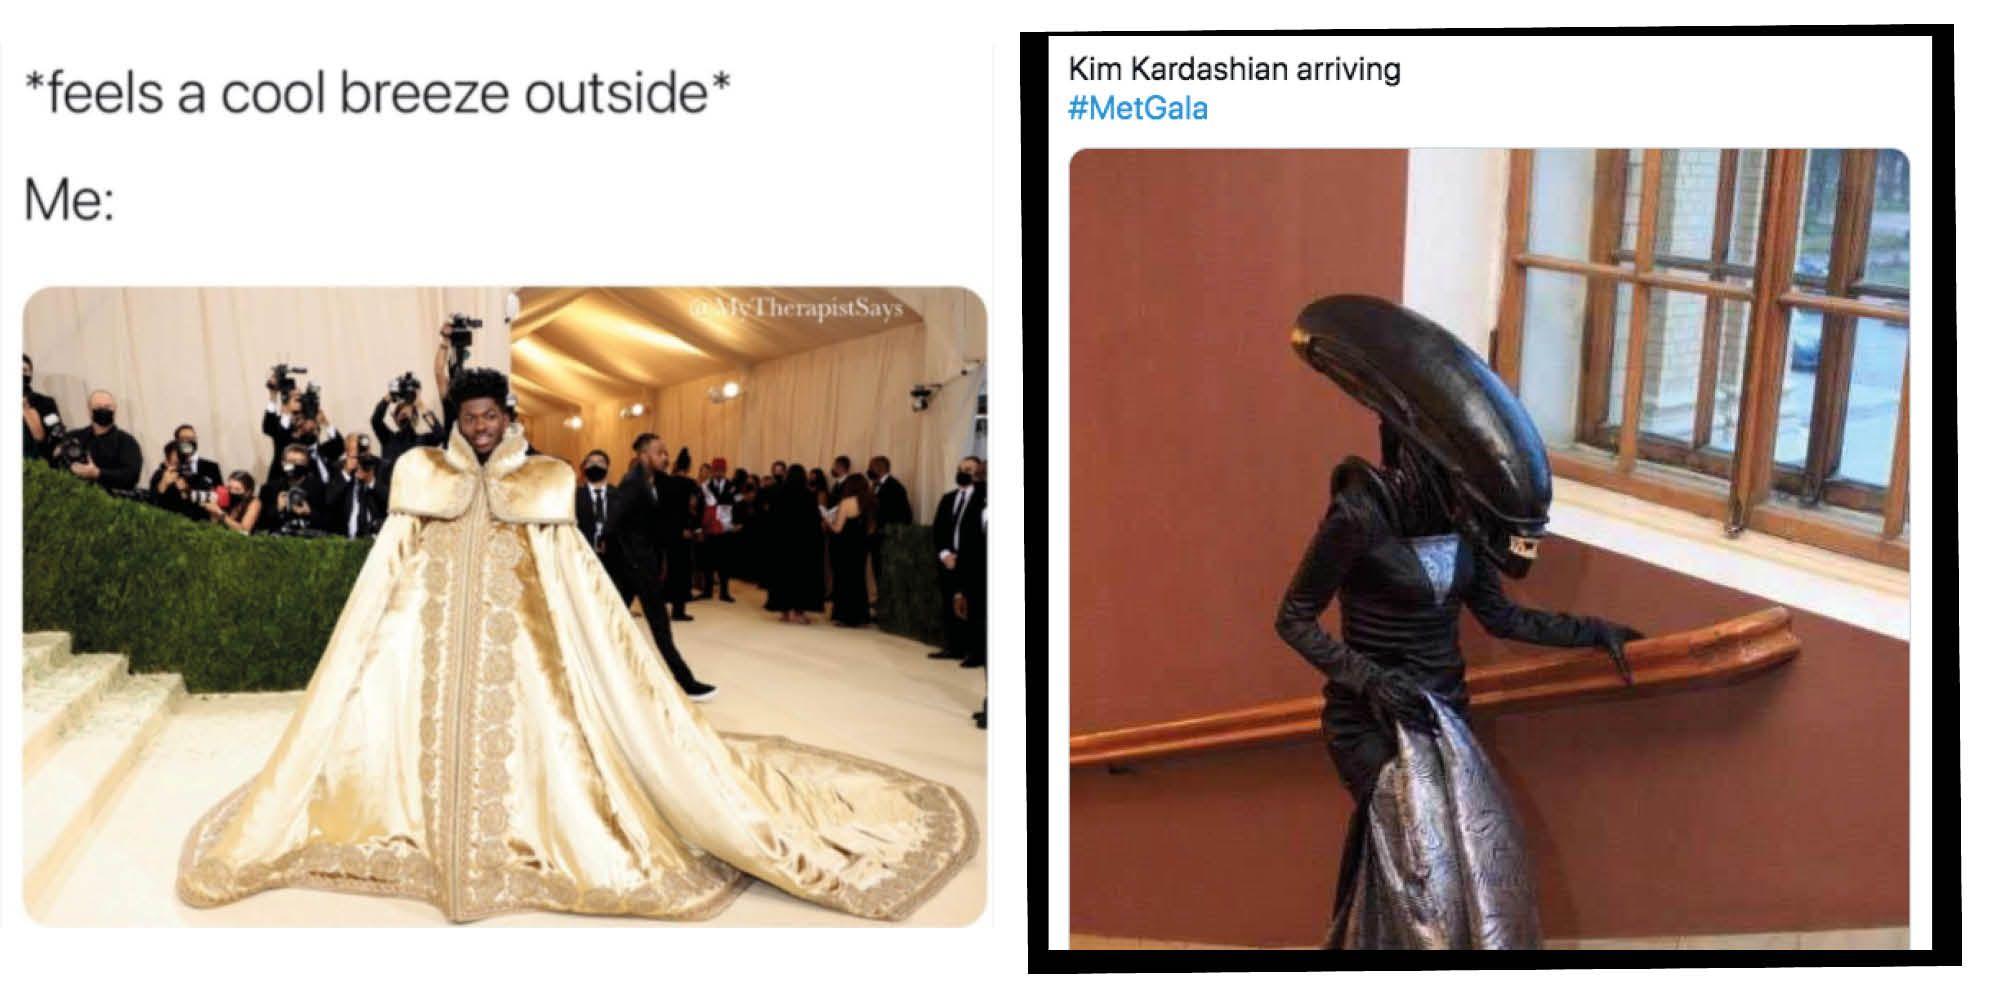 Best Memes and reactions: Met Gala 2021